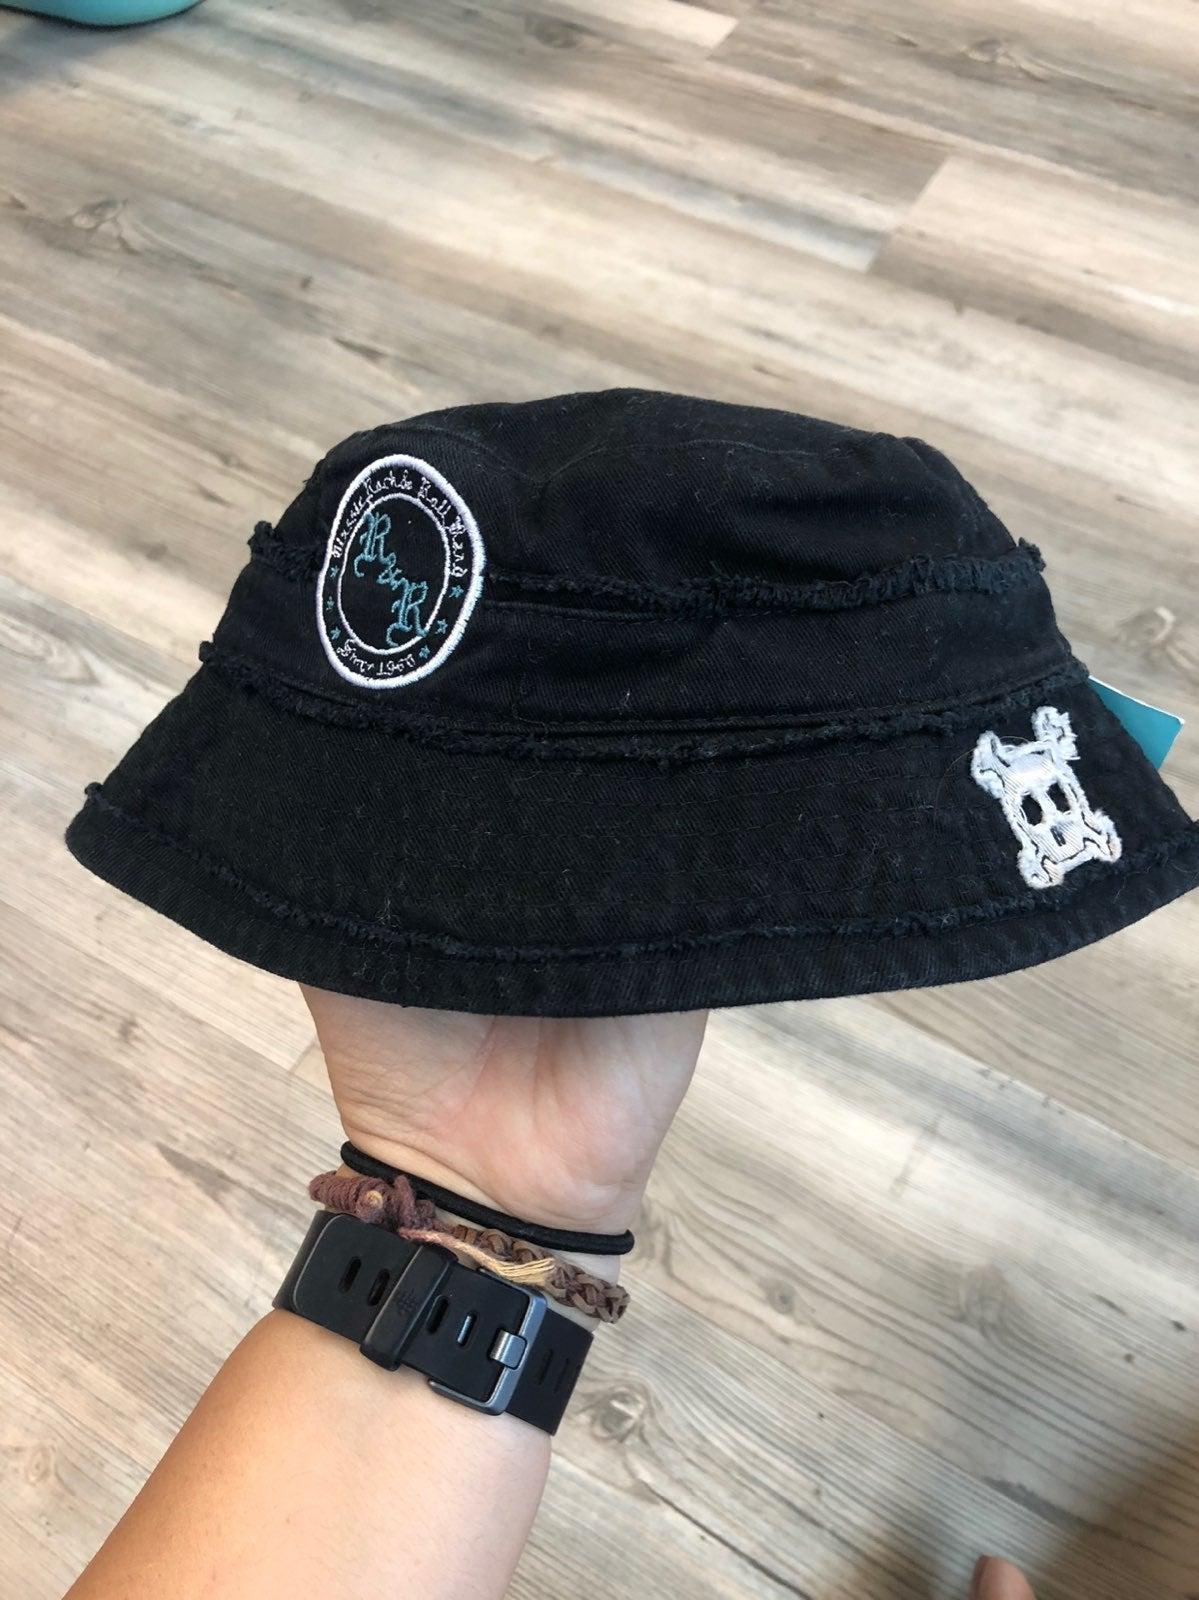 Baby Amy Coe Bucket Hat